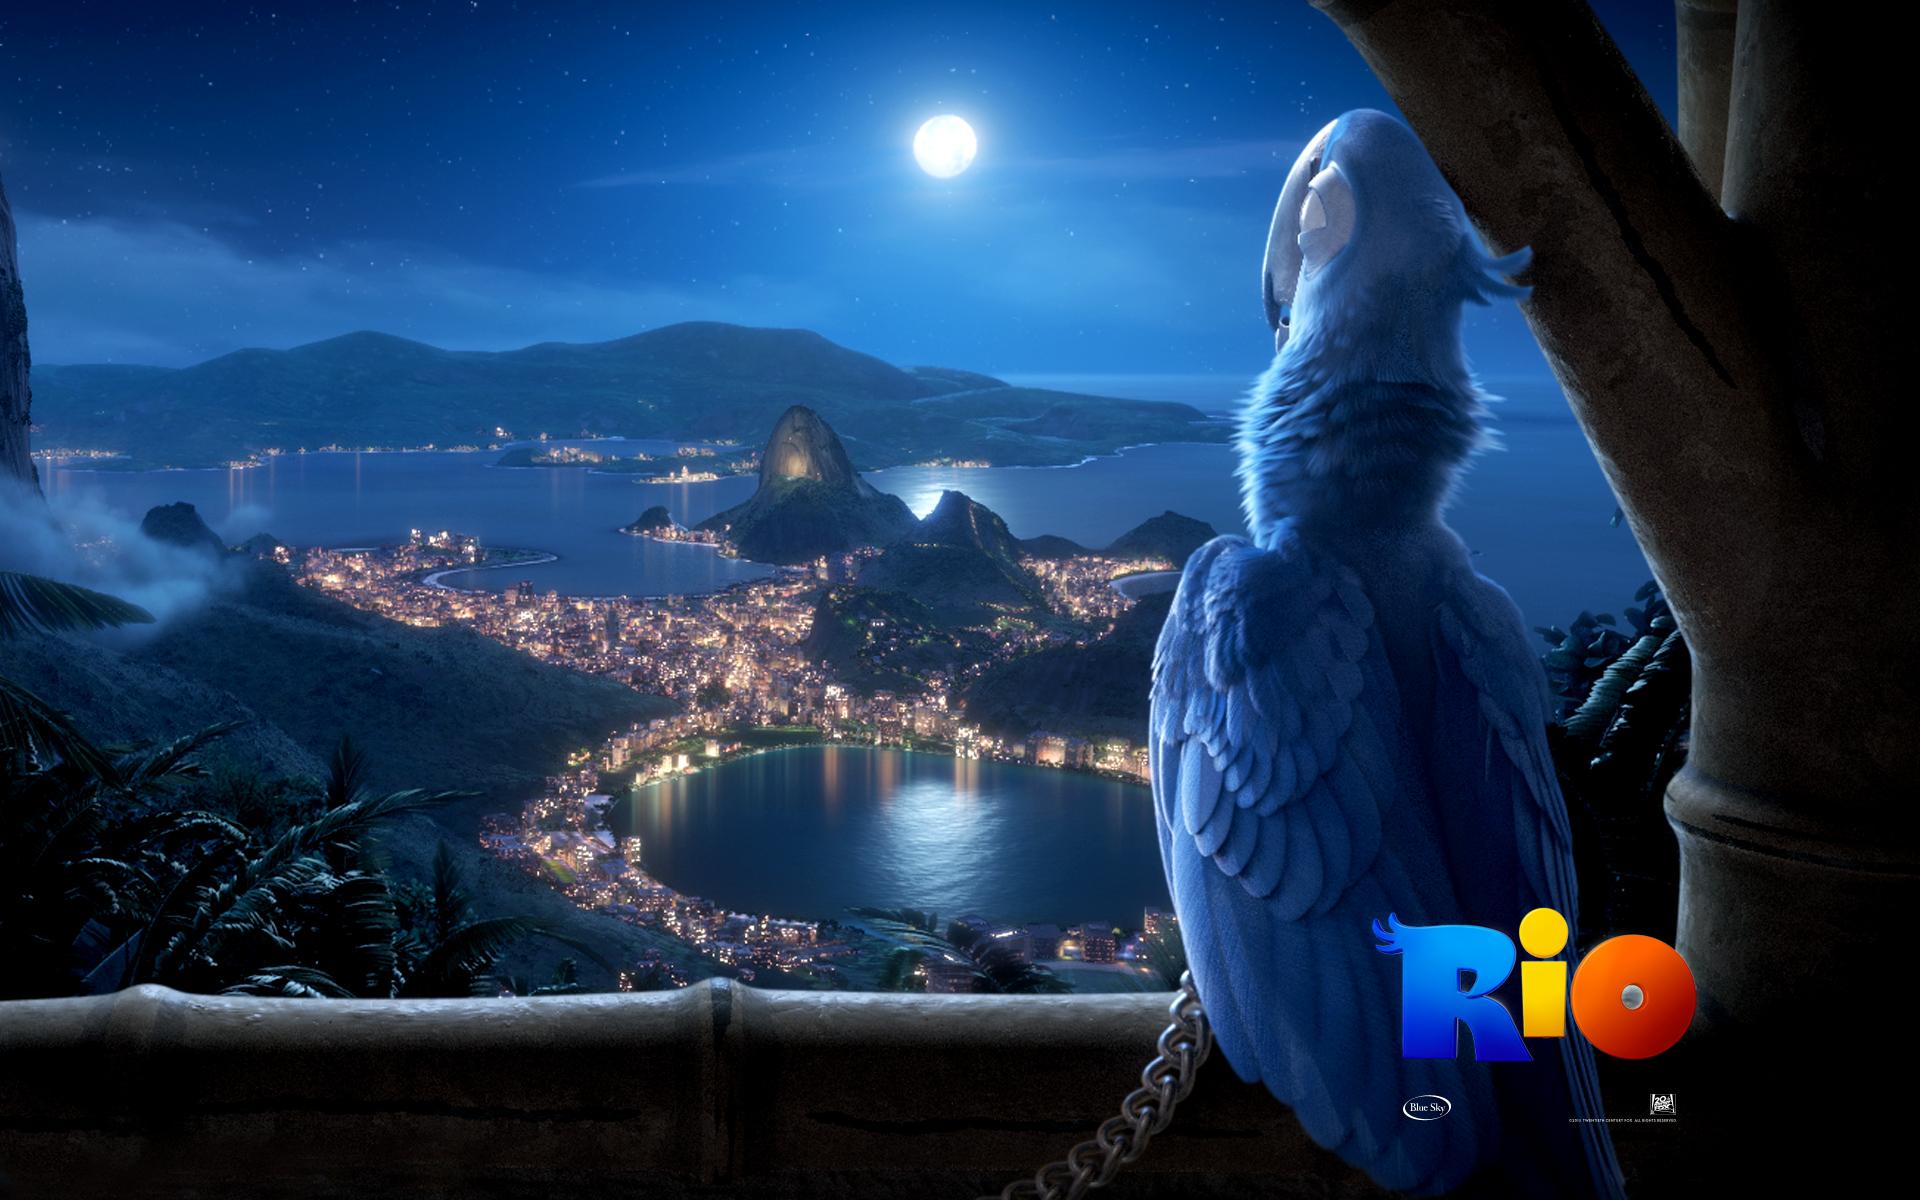 Rio Movie wallpaper 1